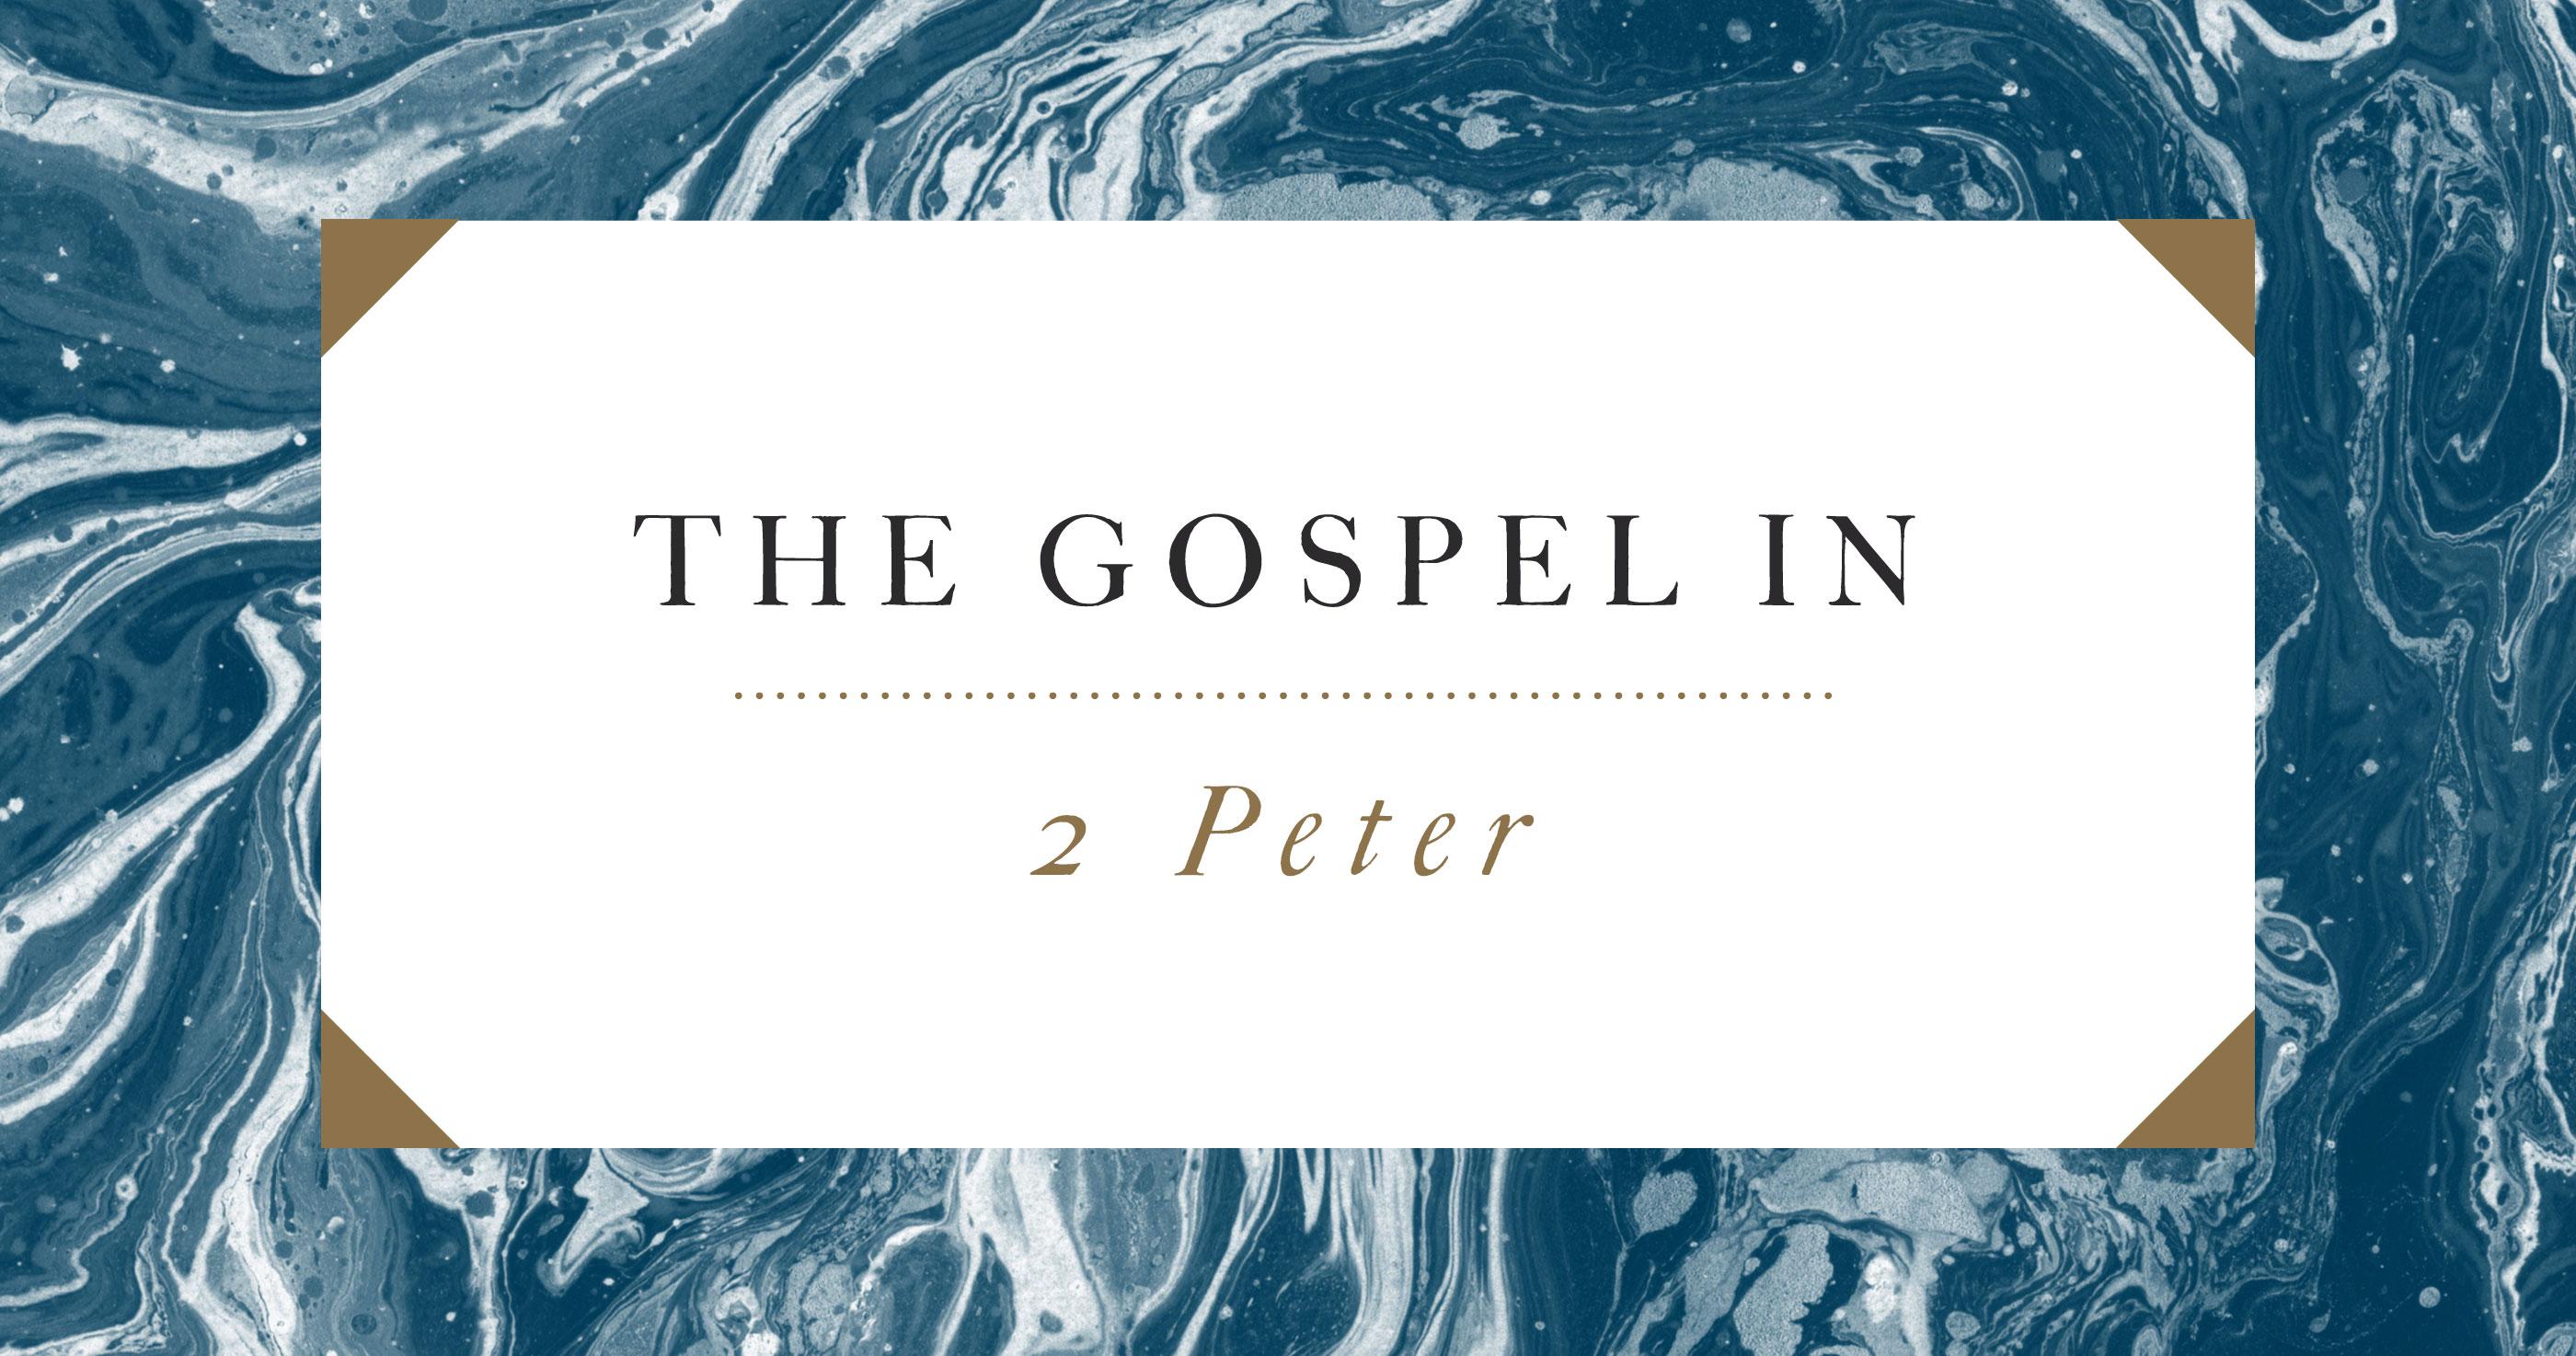 The Gospel in 2 Peter